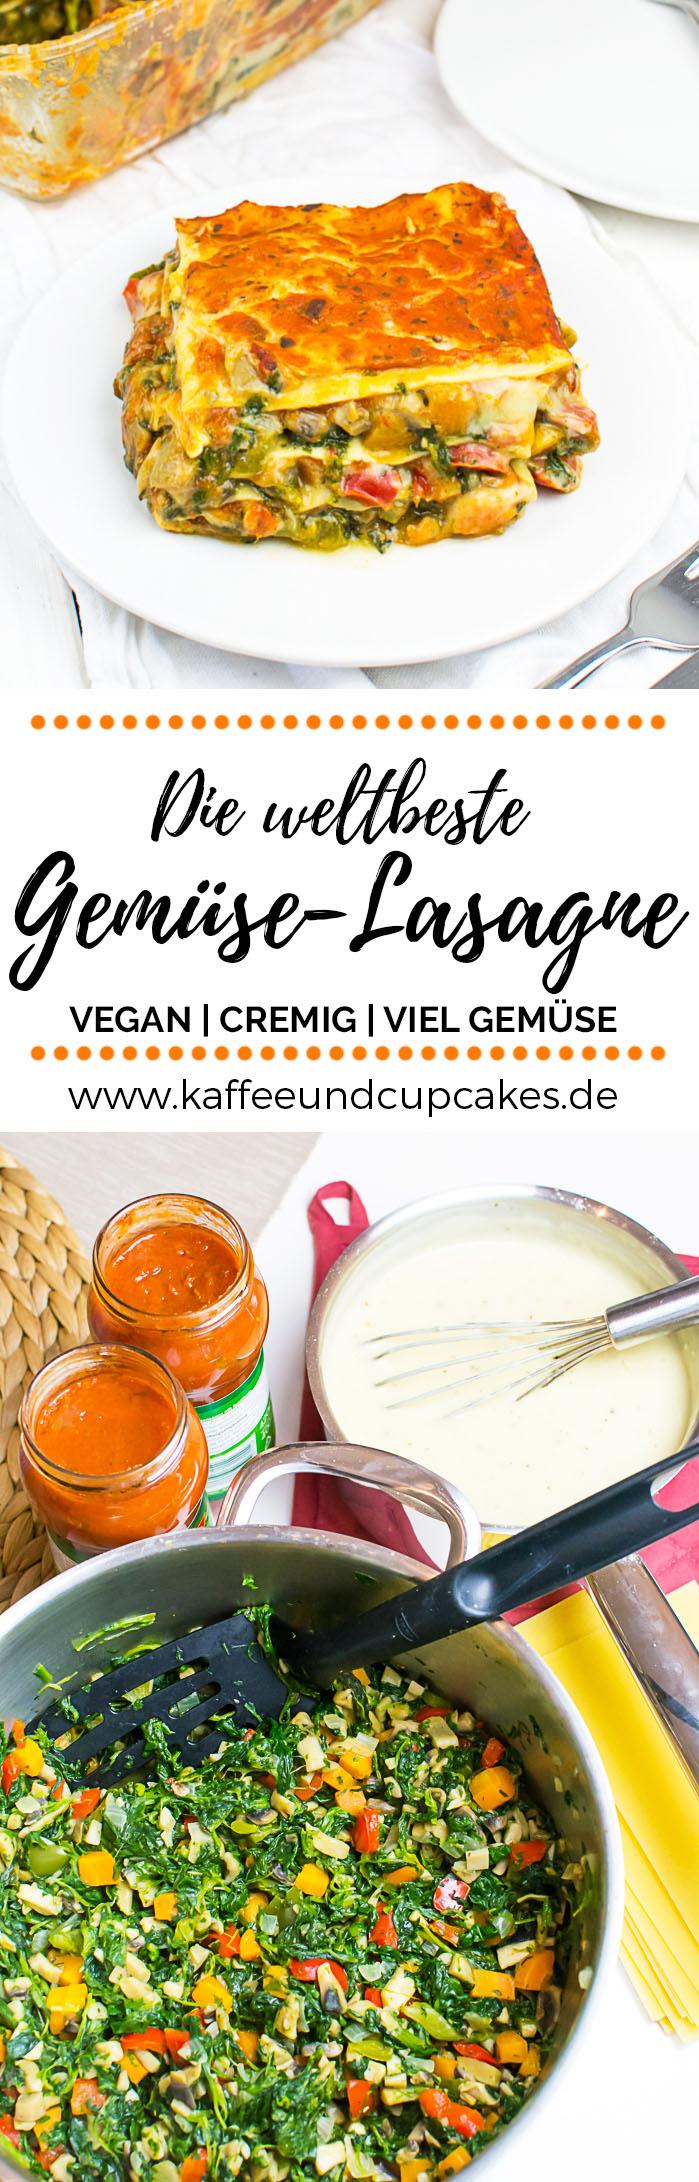 Die weltbeste Gemüse-Lasagne {vegan}